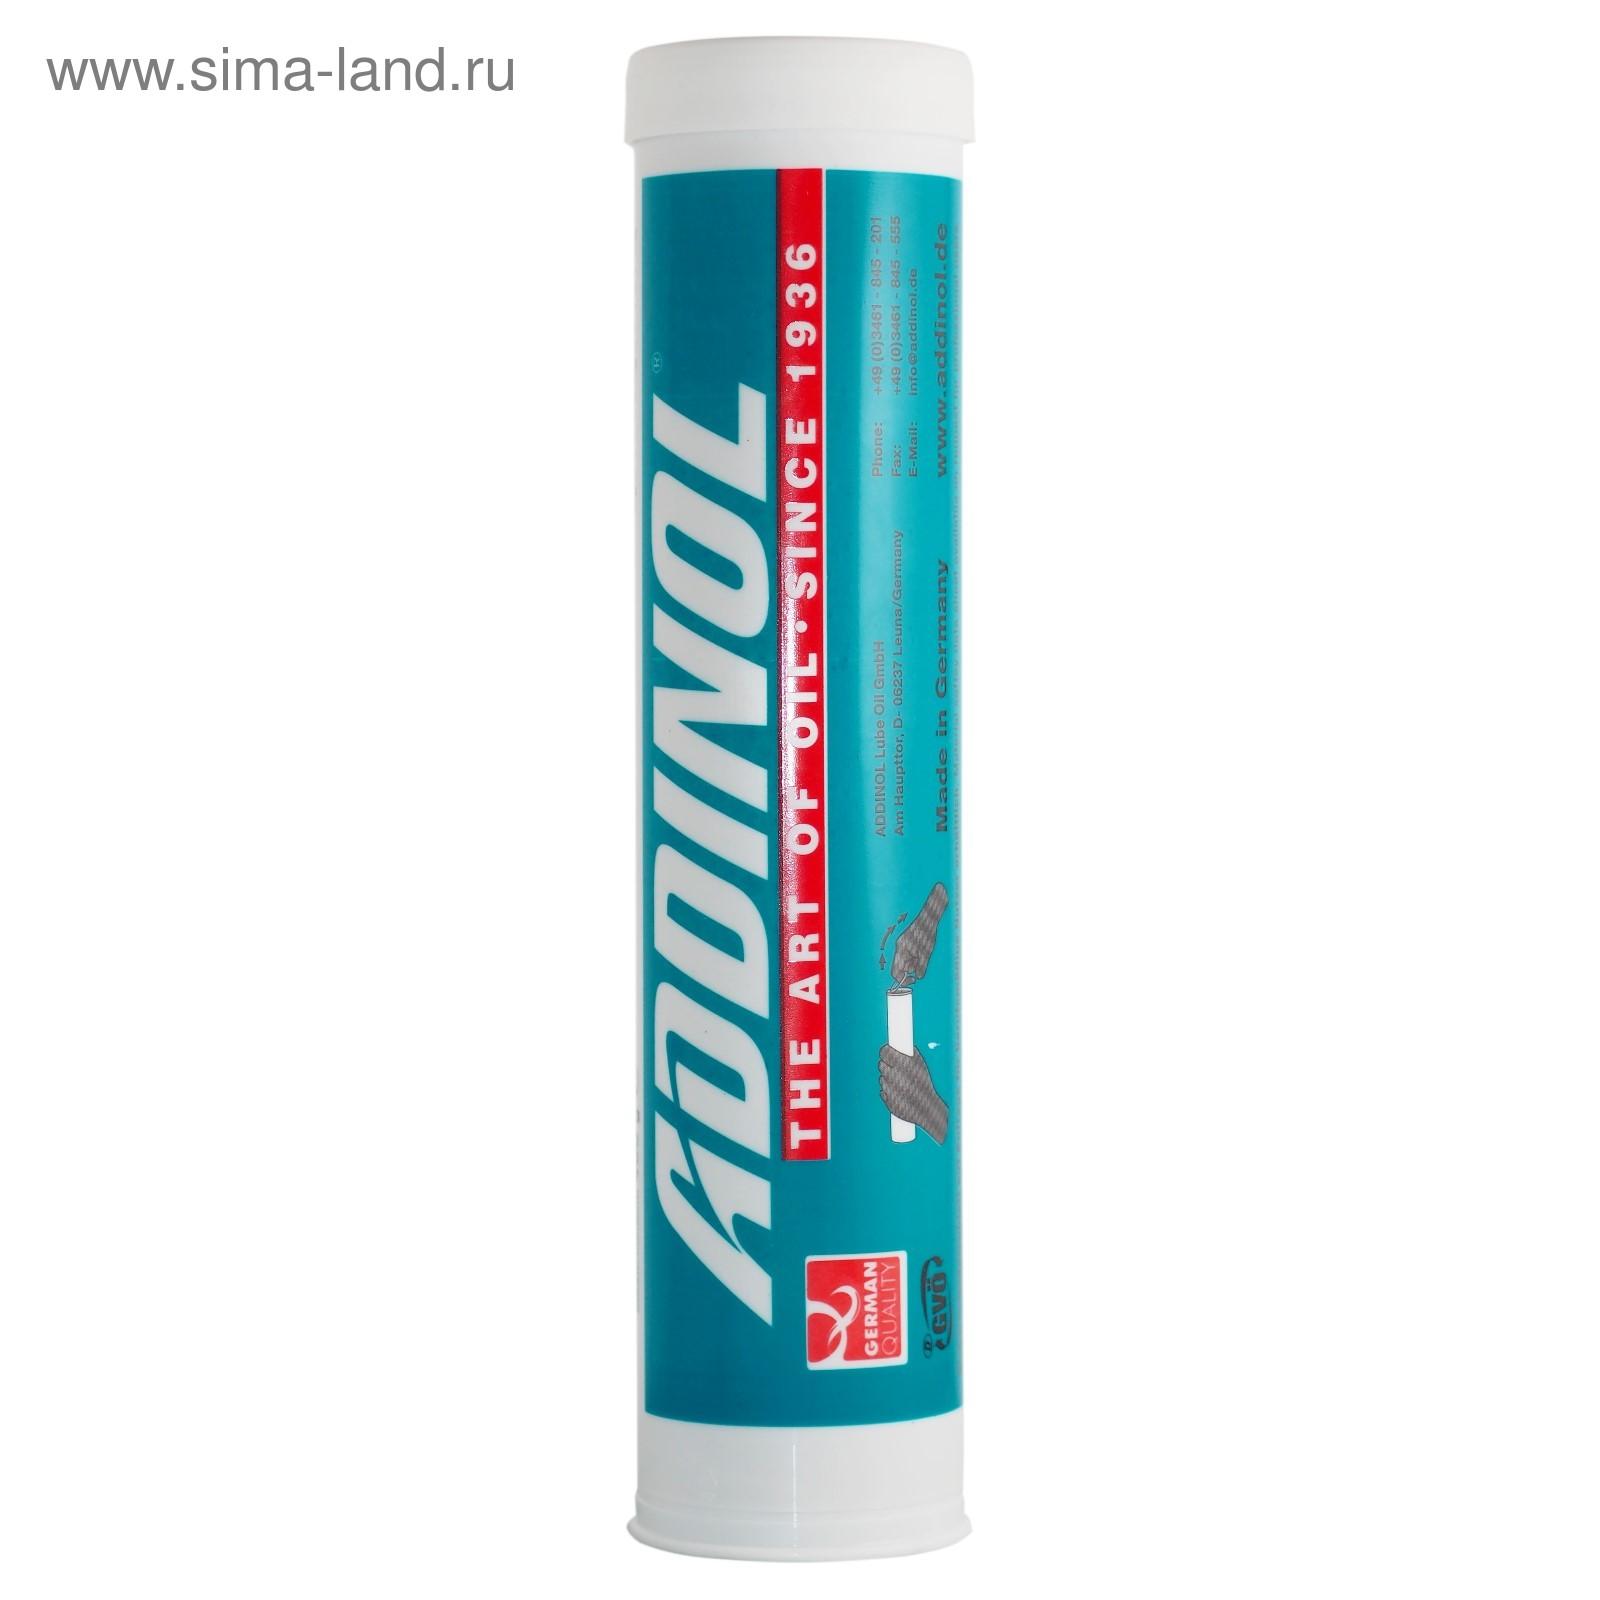 d0f27c5c0 Смазка пластичная ADDINOL Meisselpaste, 400 гр (4176921) - Купить по ...